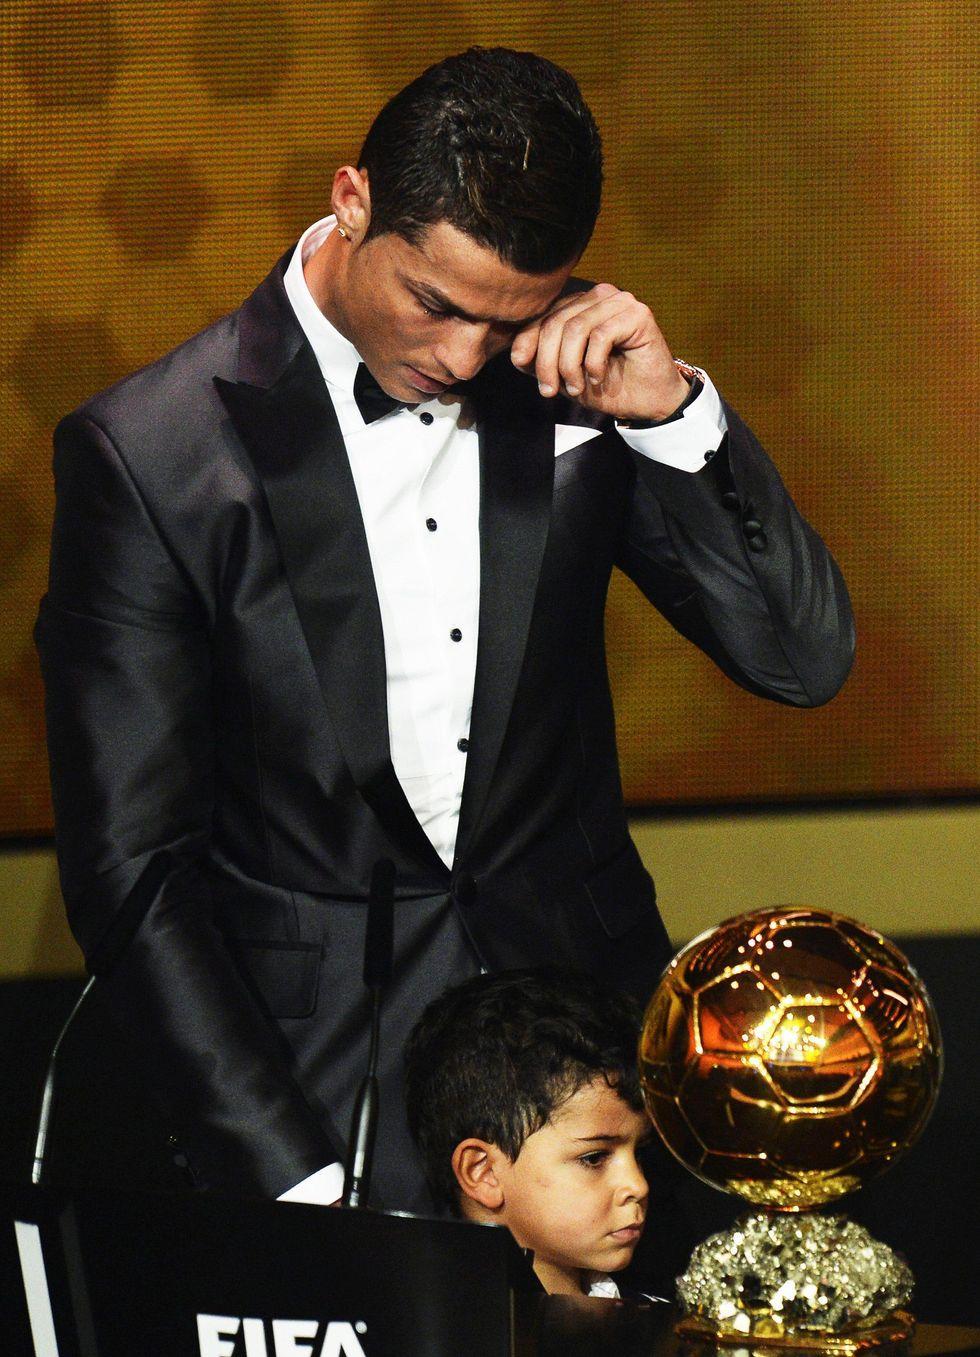 Le lacrime di Cristiano Ronaldo commuovono il mondo - FOTO